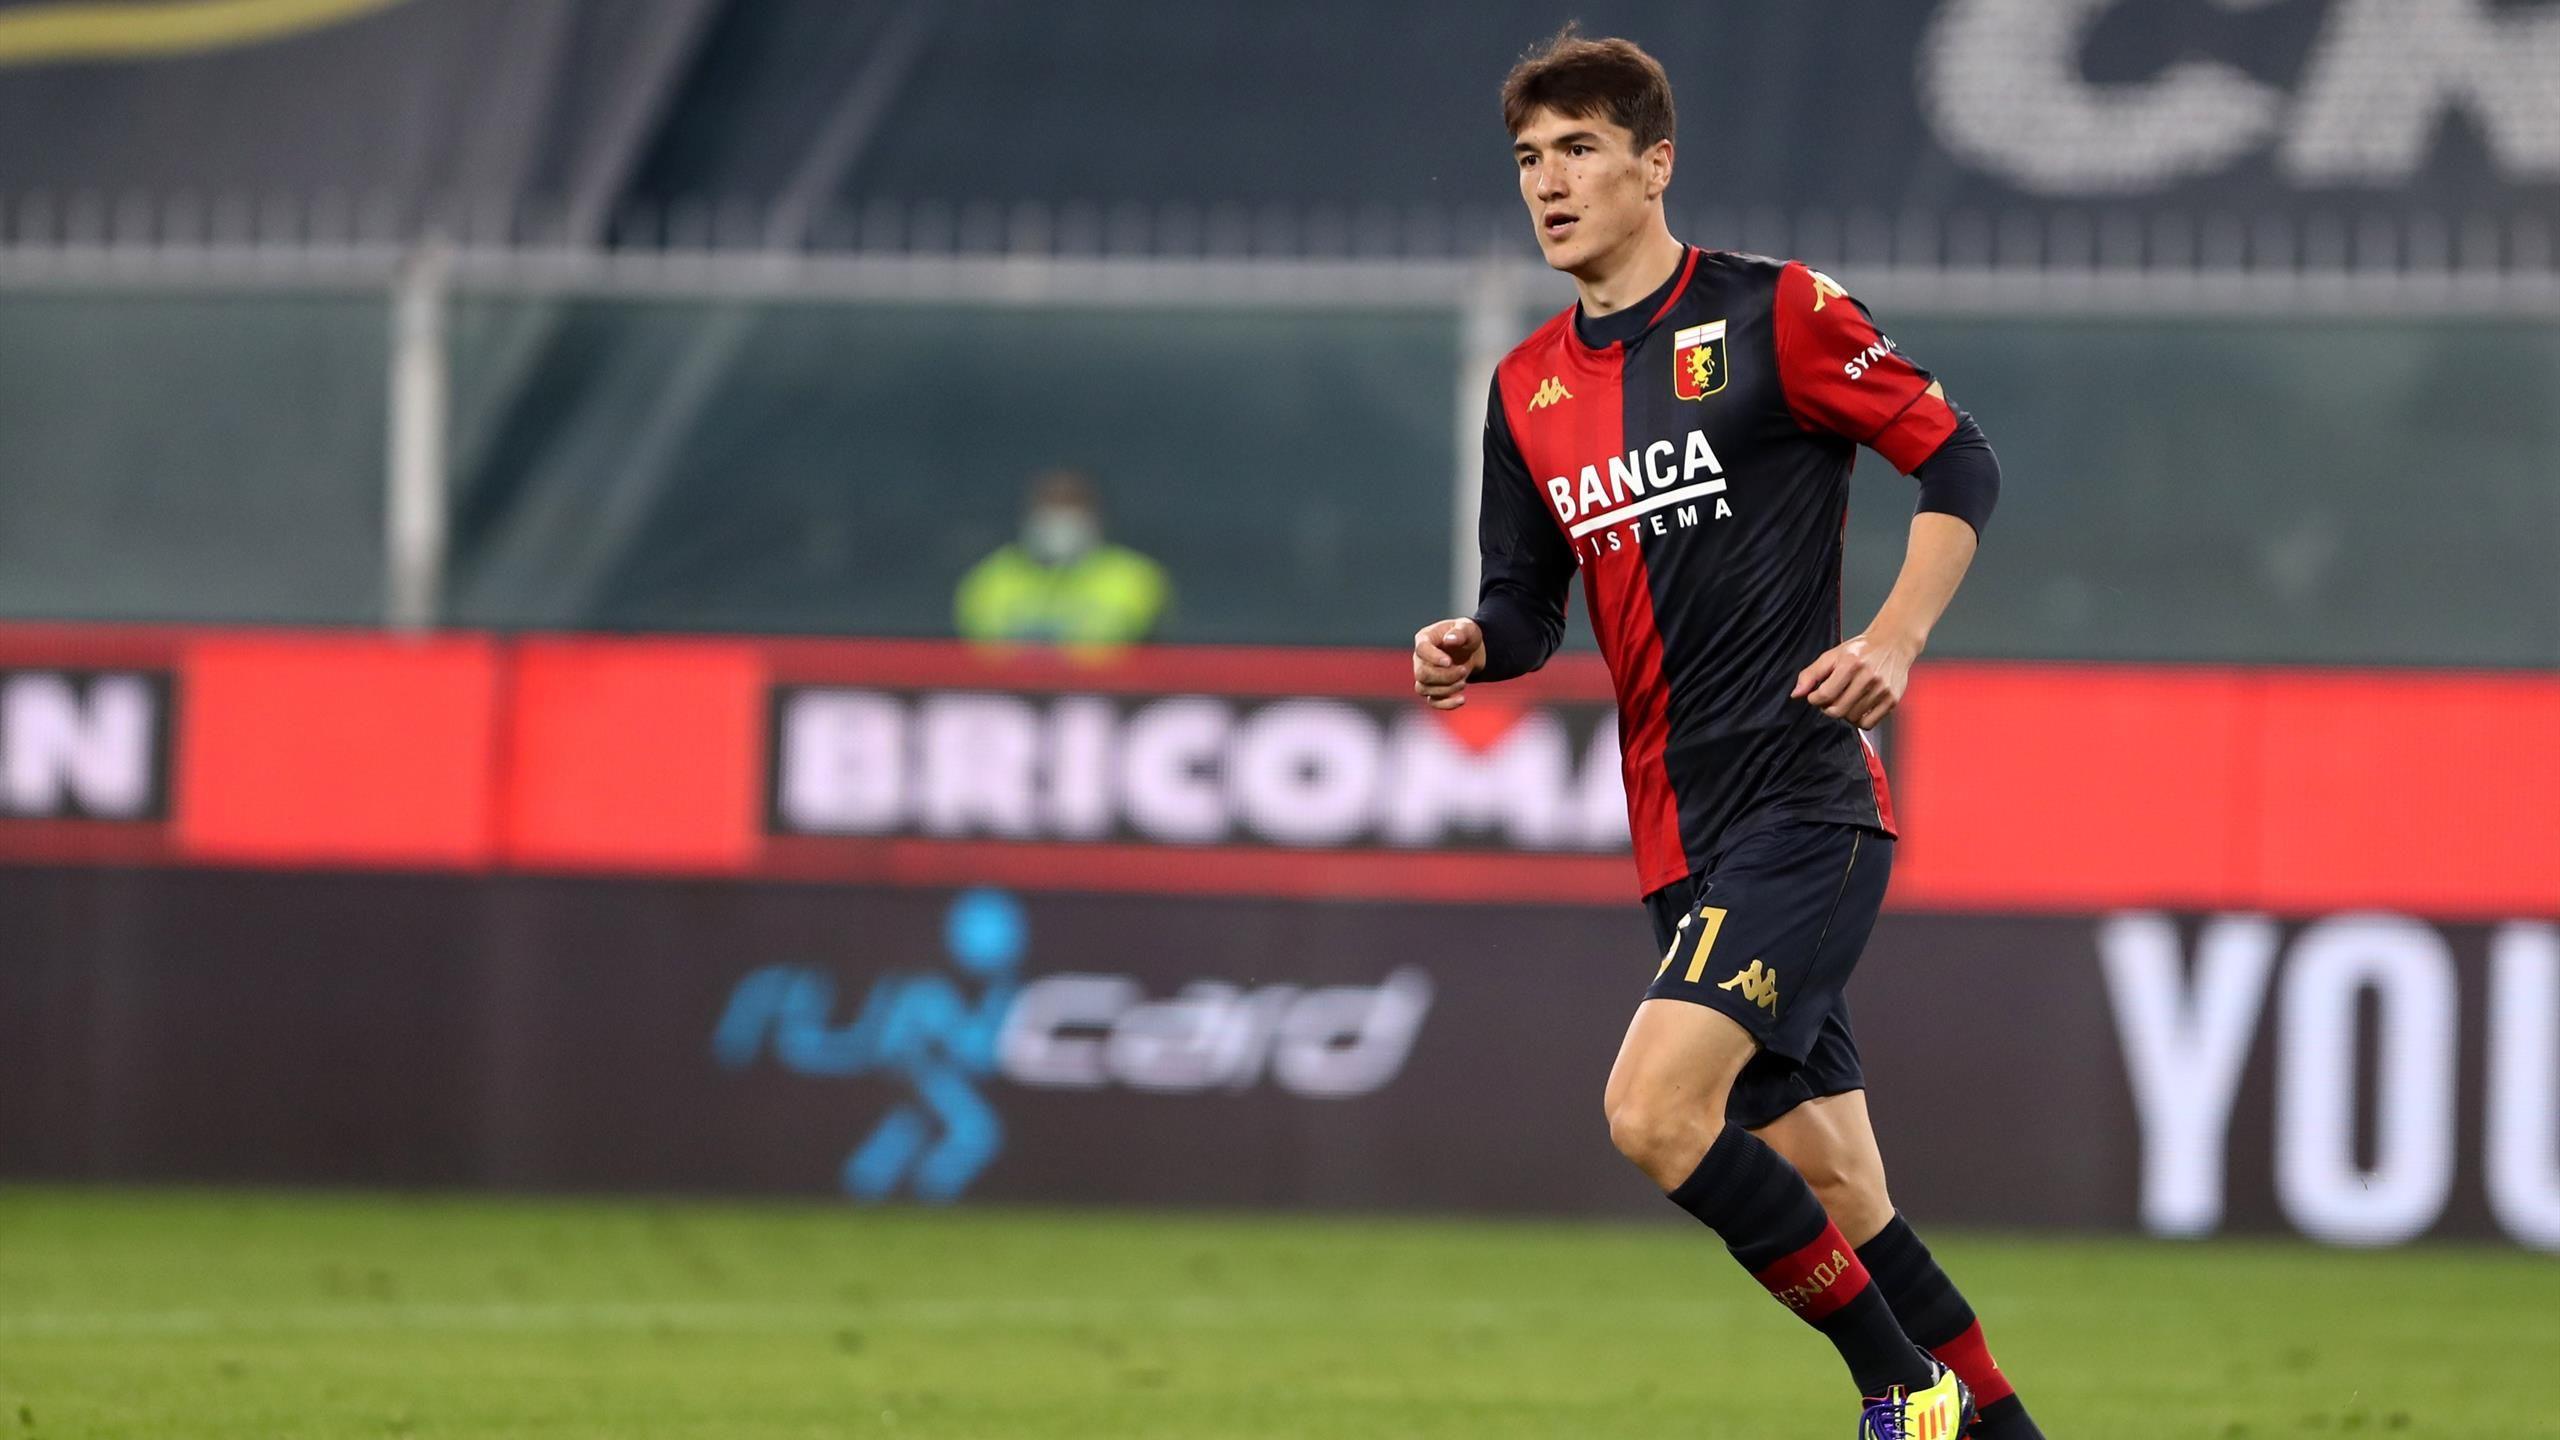 Первый гол Элдора Шомуродова в Серии А за «Дженоа» (видео) - Eurosport